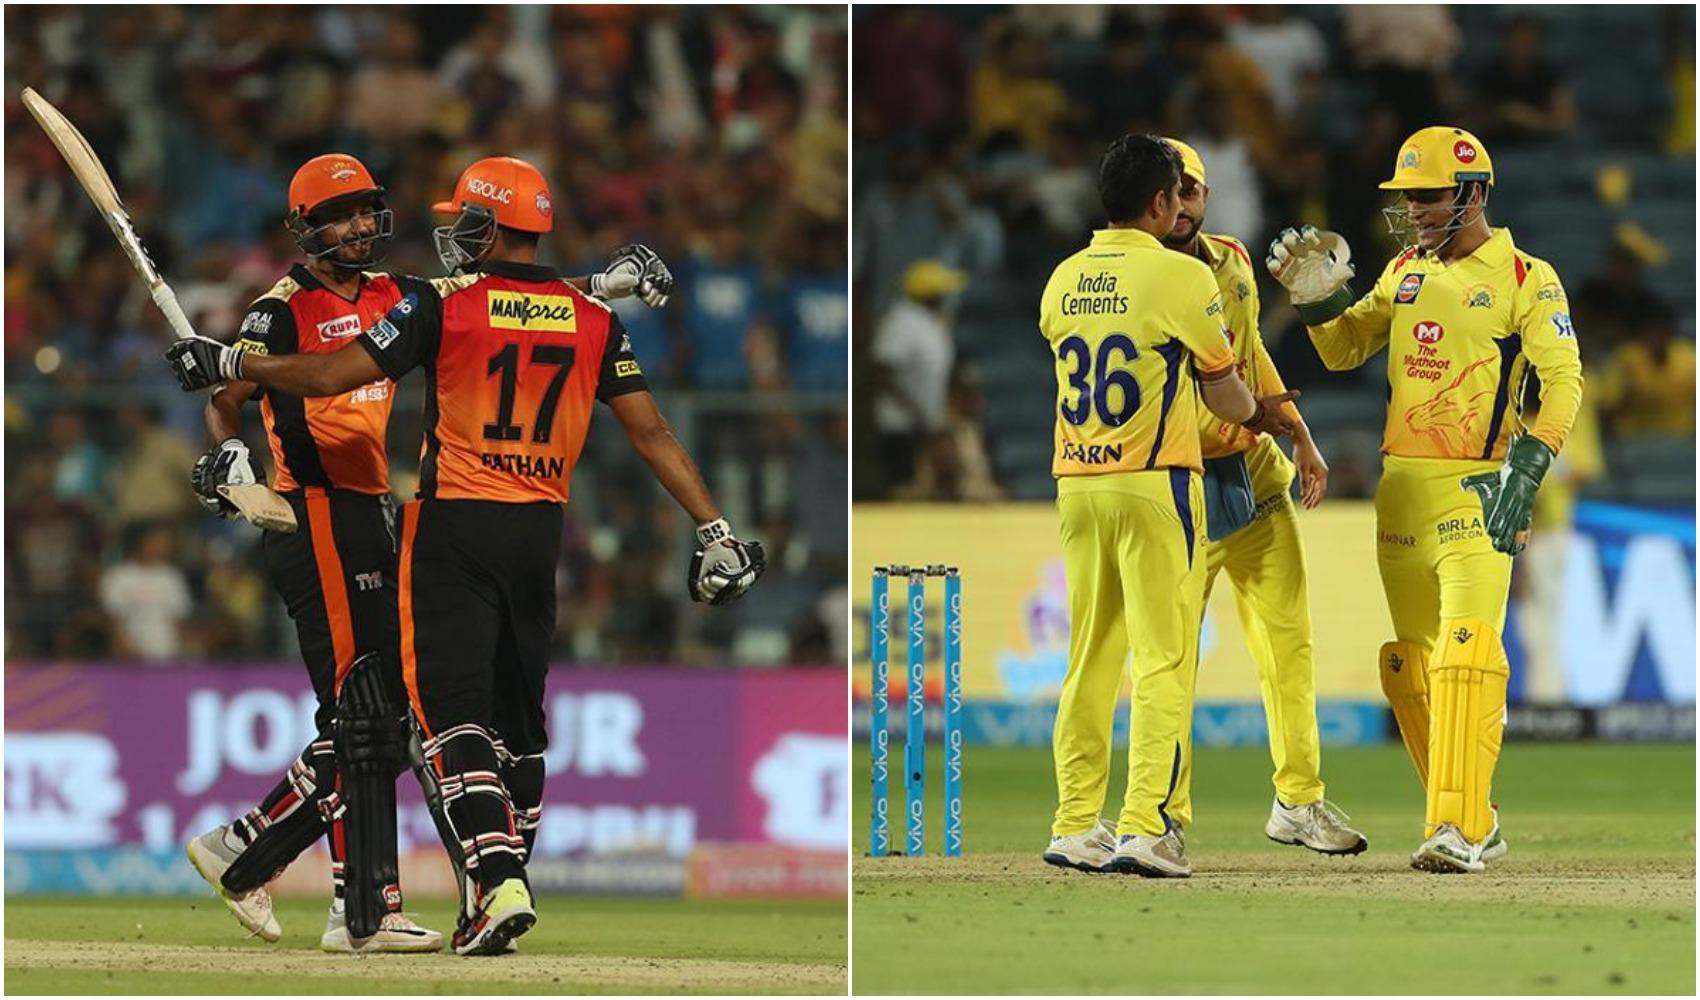 """आईपीएल 2018 के फाइनल में """"लक्ष्मण के ब्रह्मास्त"""" से कैसे बचेगी चेन्नई सुपरकिंग्स, चल गया तो हारना तय! 15"""